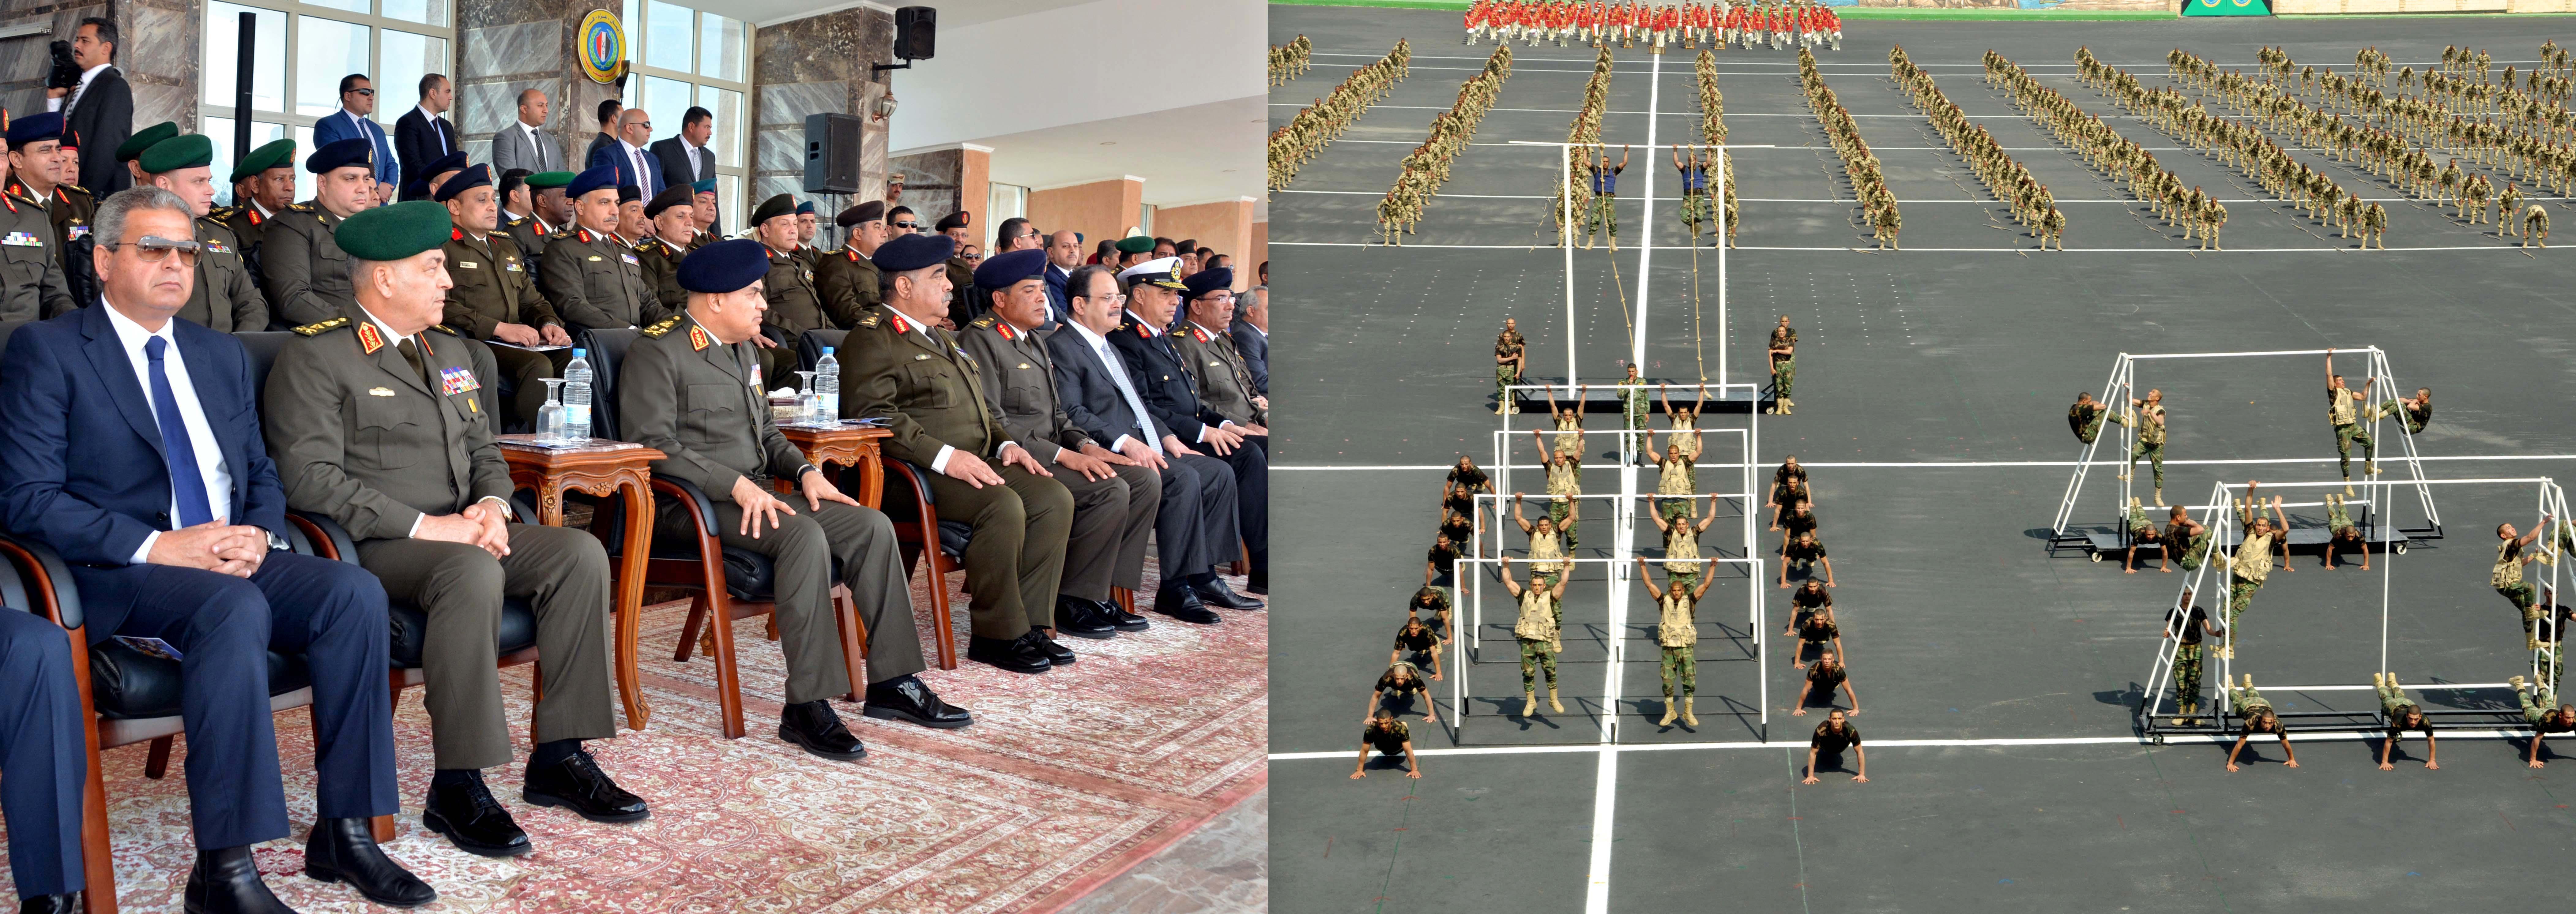 تخريج الدفعة 154 متطوعين من معهد ضباط الصف المعلمين بالقوات المسلحة